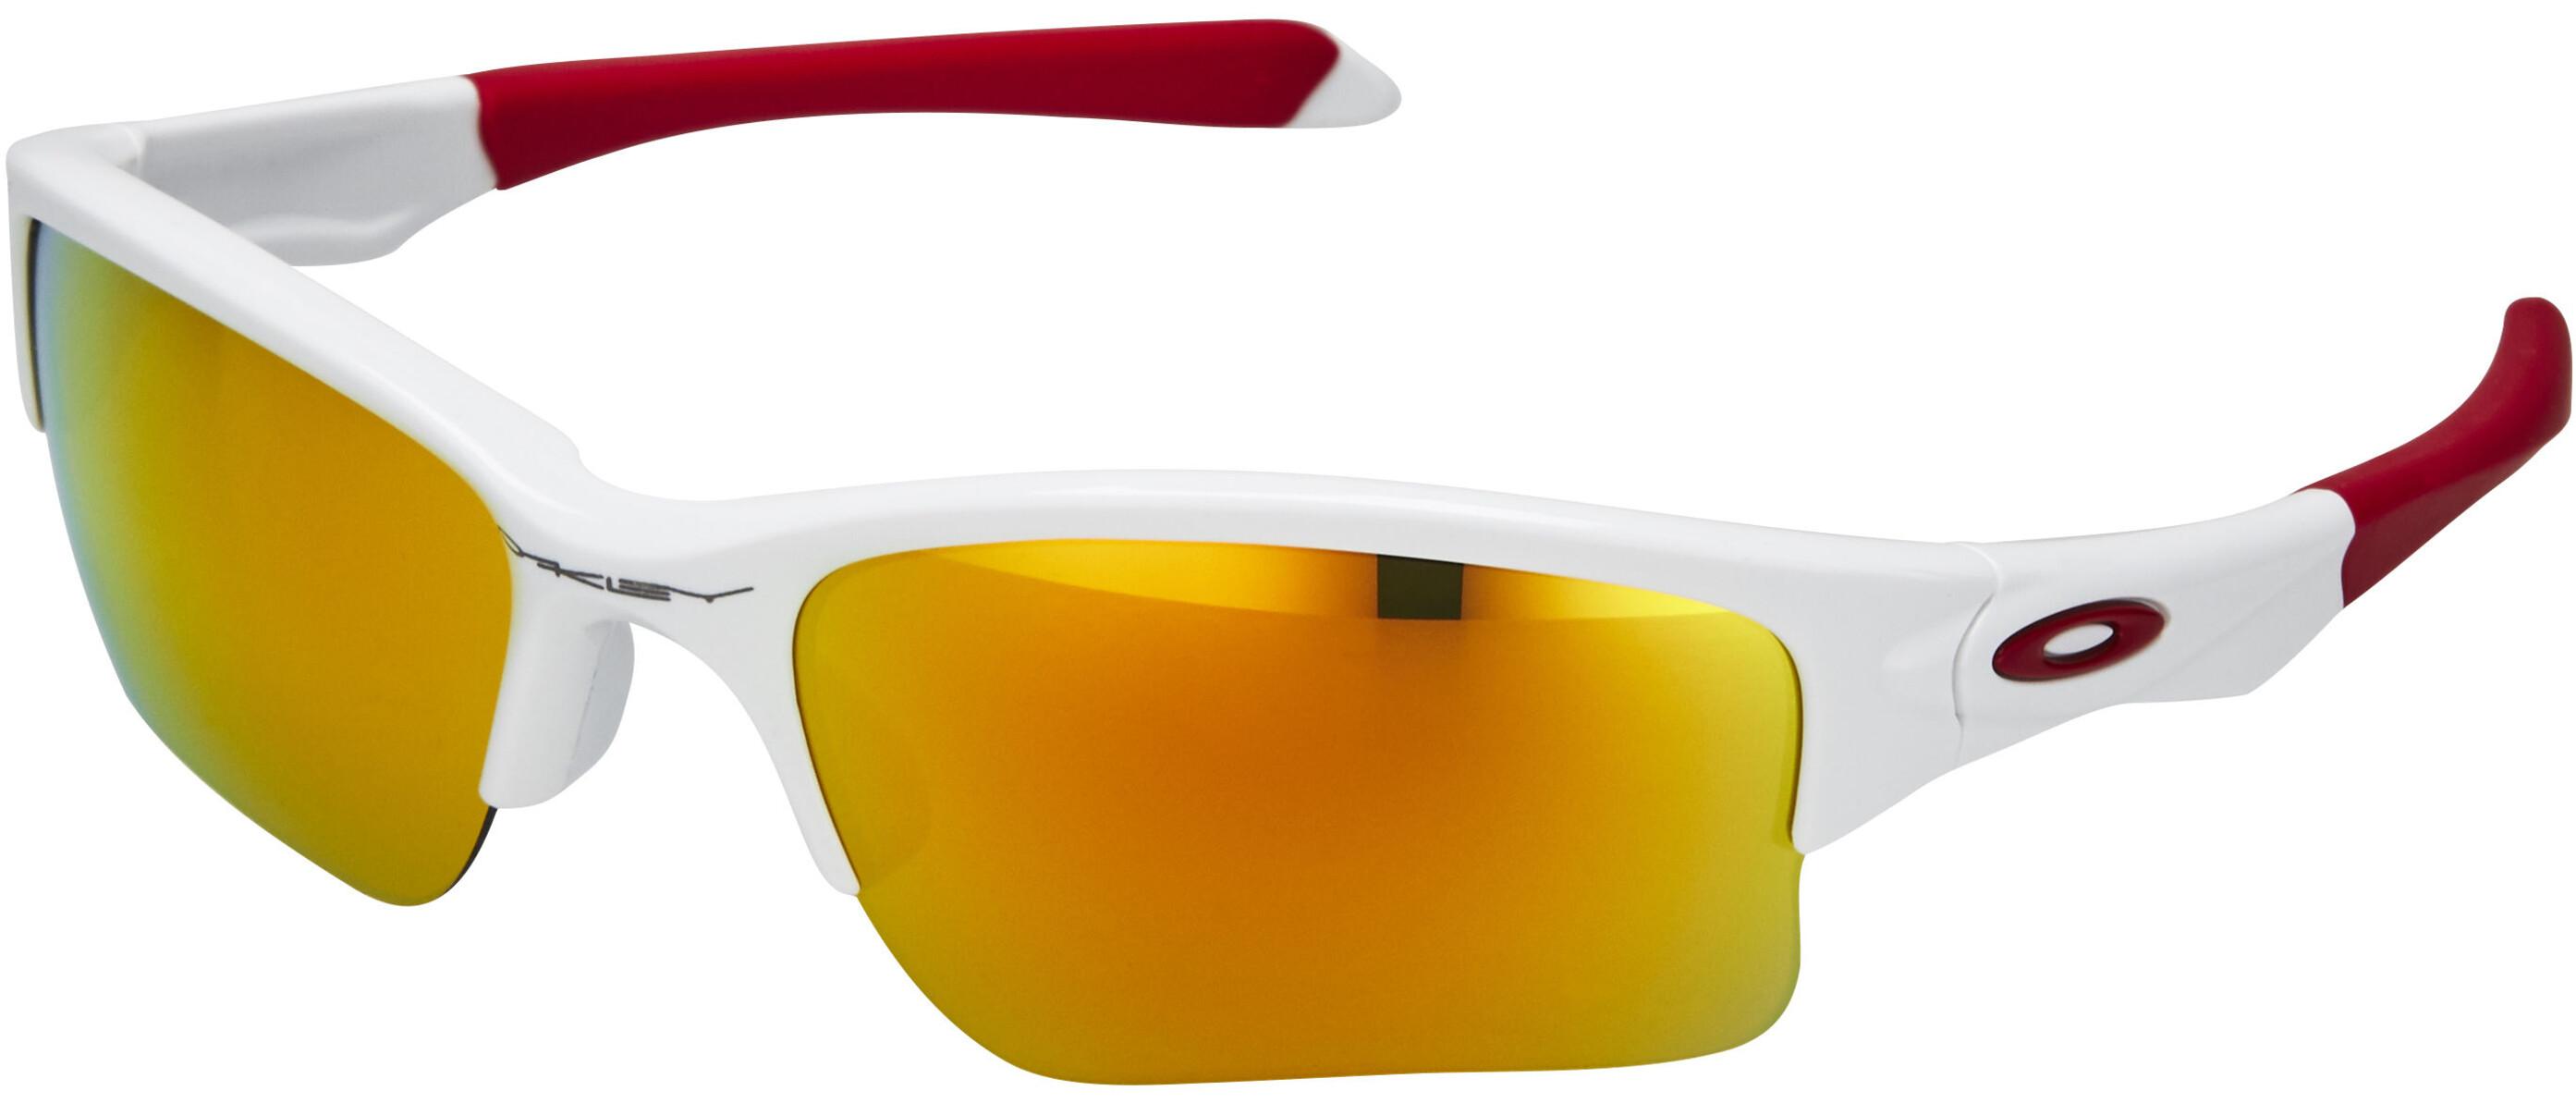 c1542b3376df50 Oakley Quarter Jacket - Lunettes cyclisme Enfant - blanc - Boutique ...